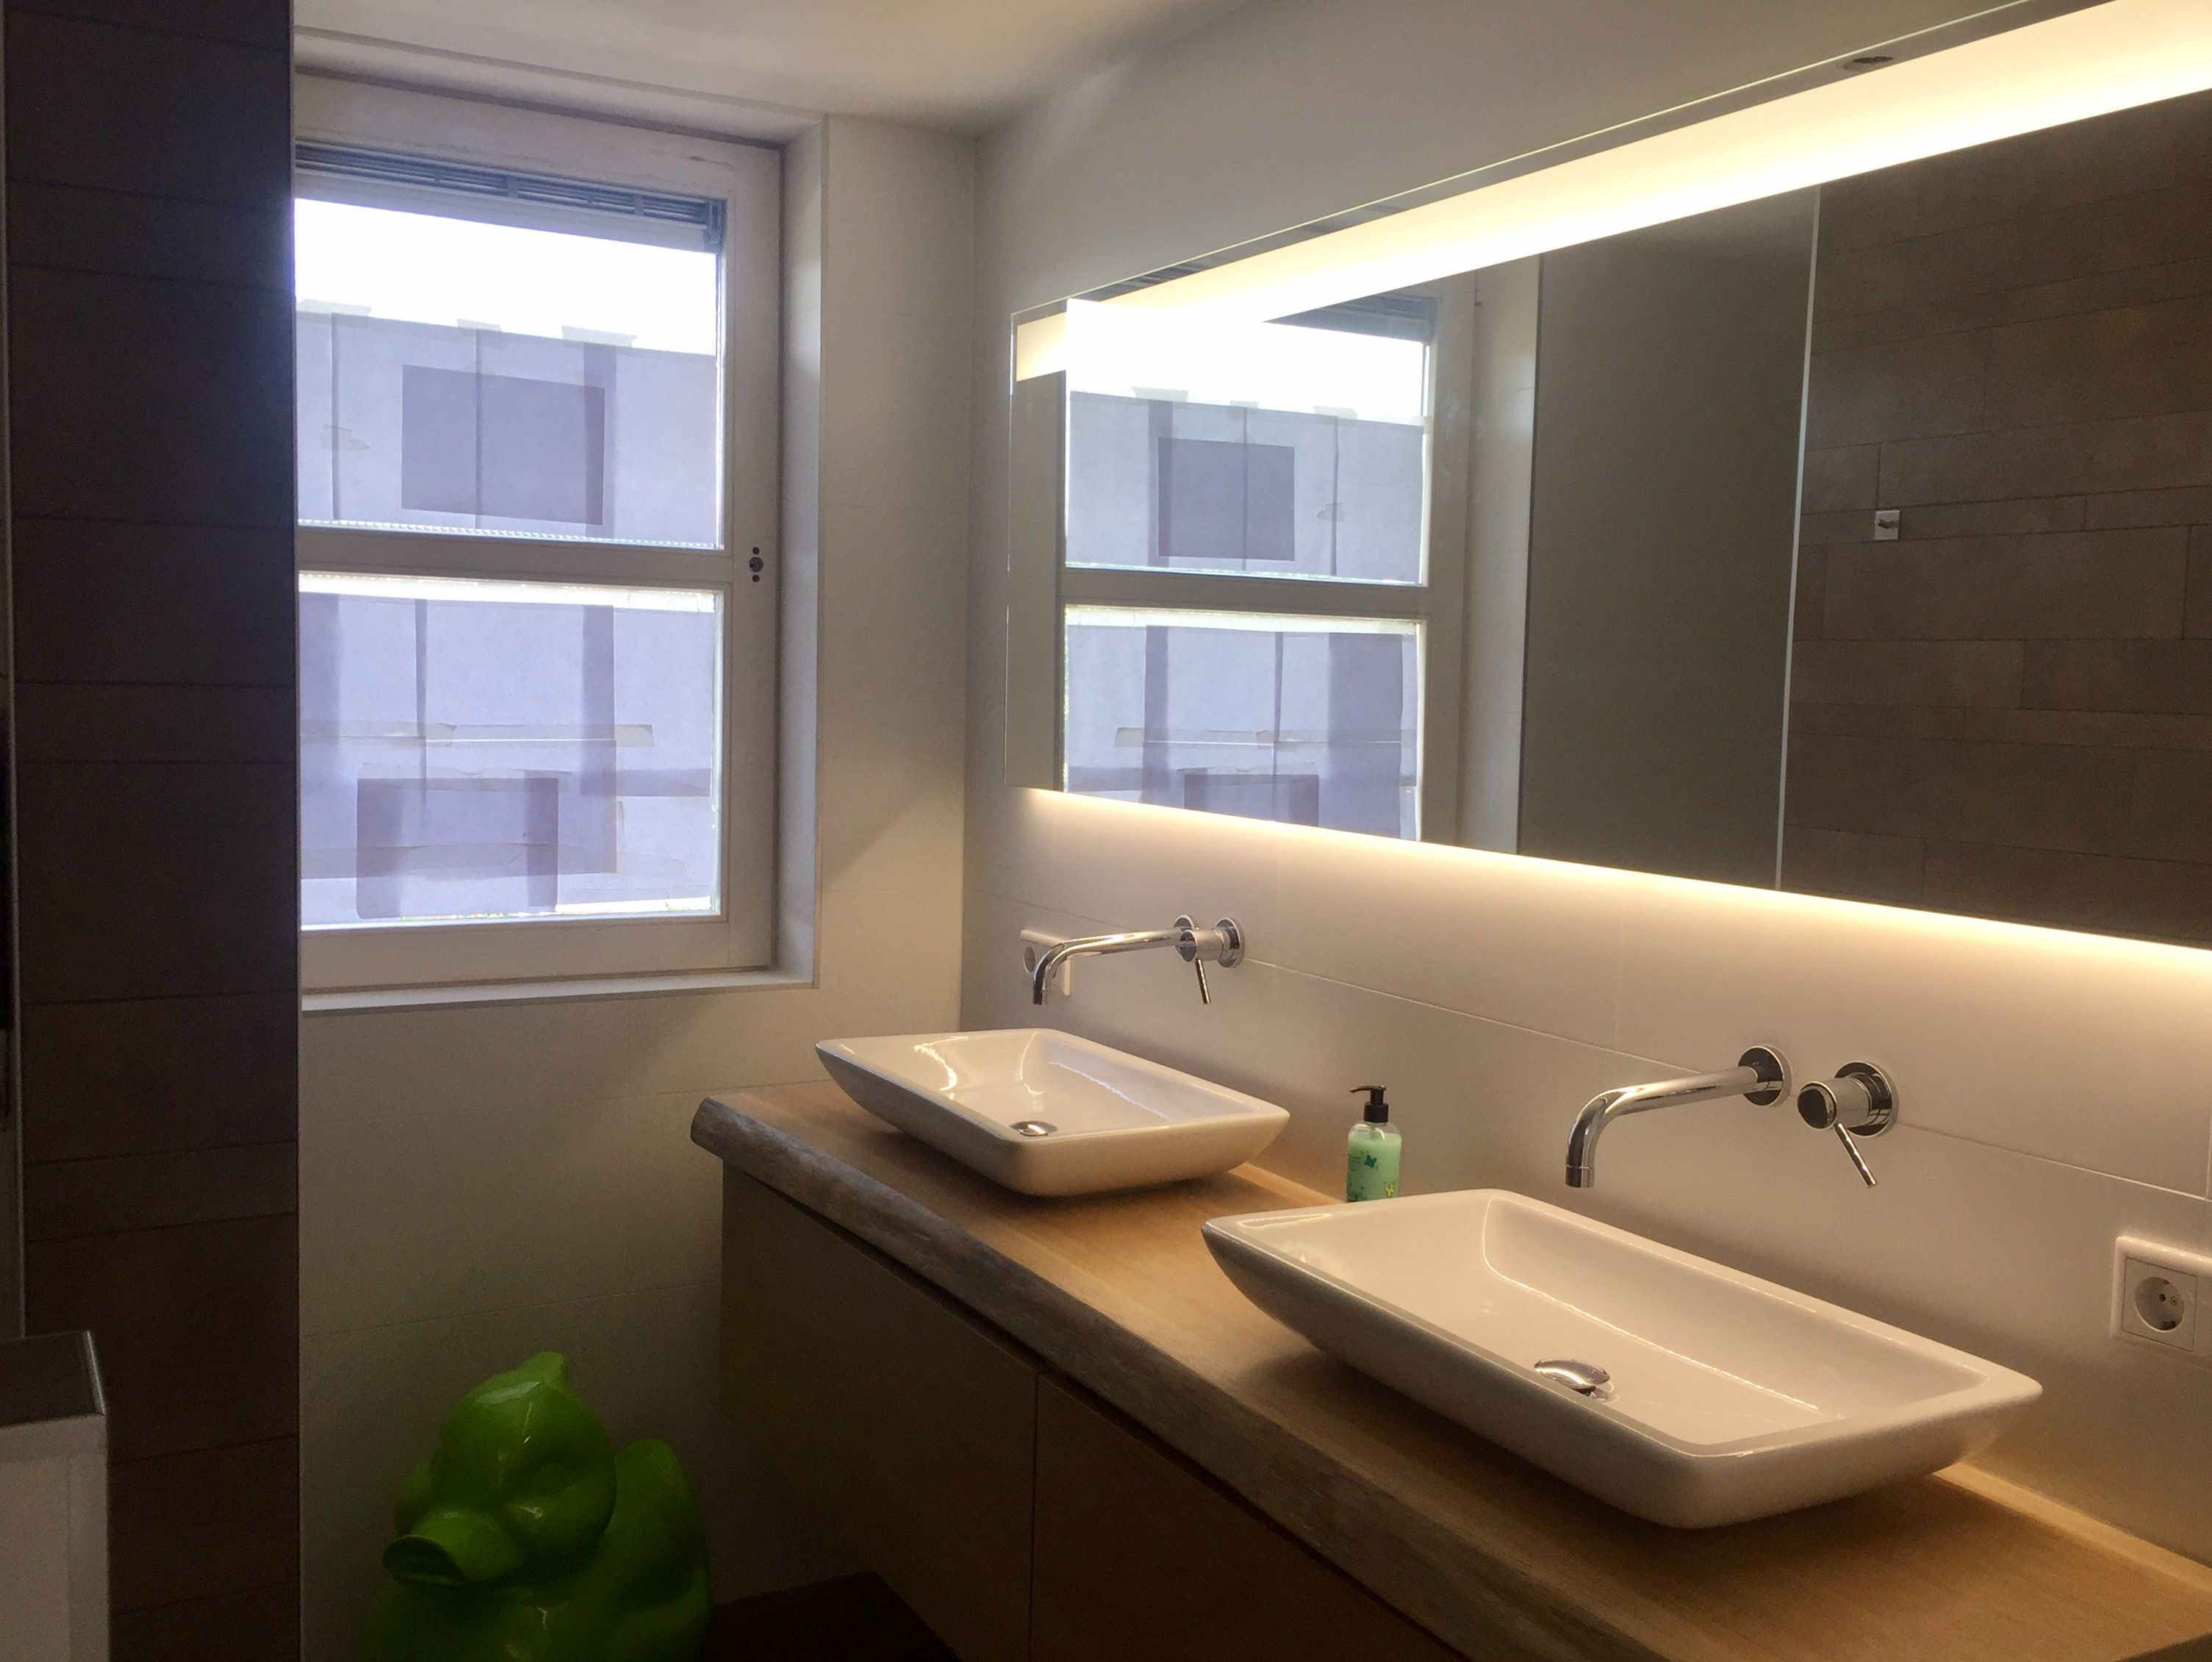 badkamer meubel van massief hout Luca sanitair met de Bongio T-Mix ...